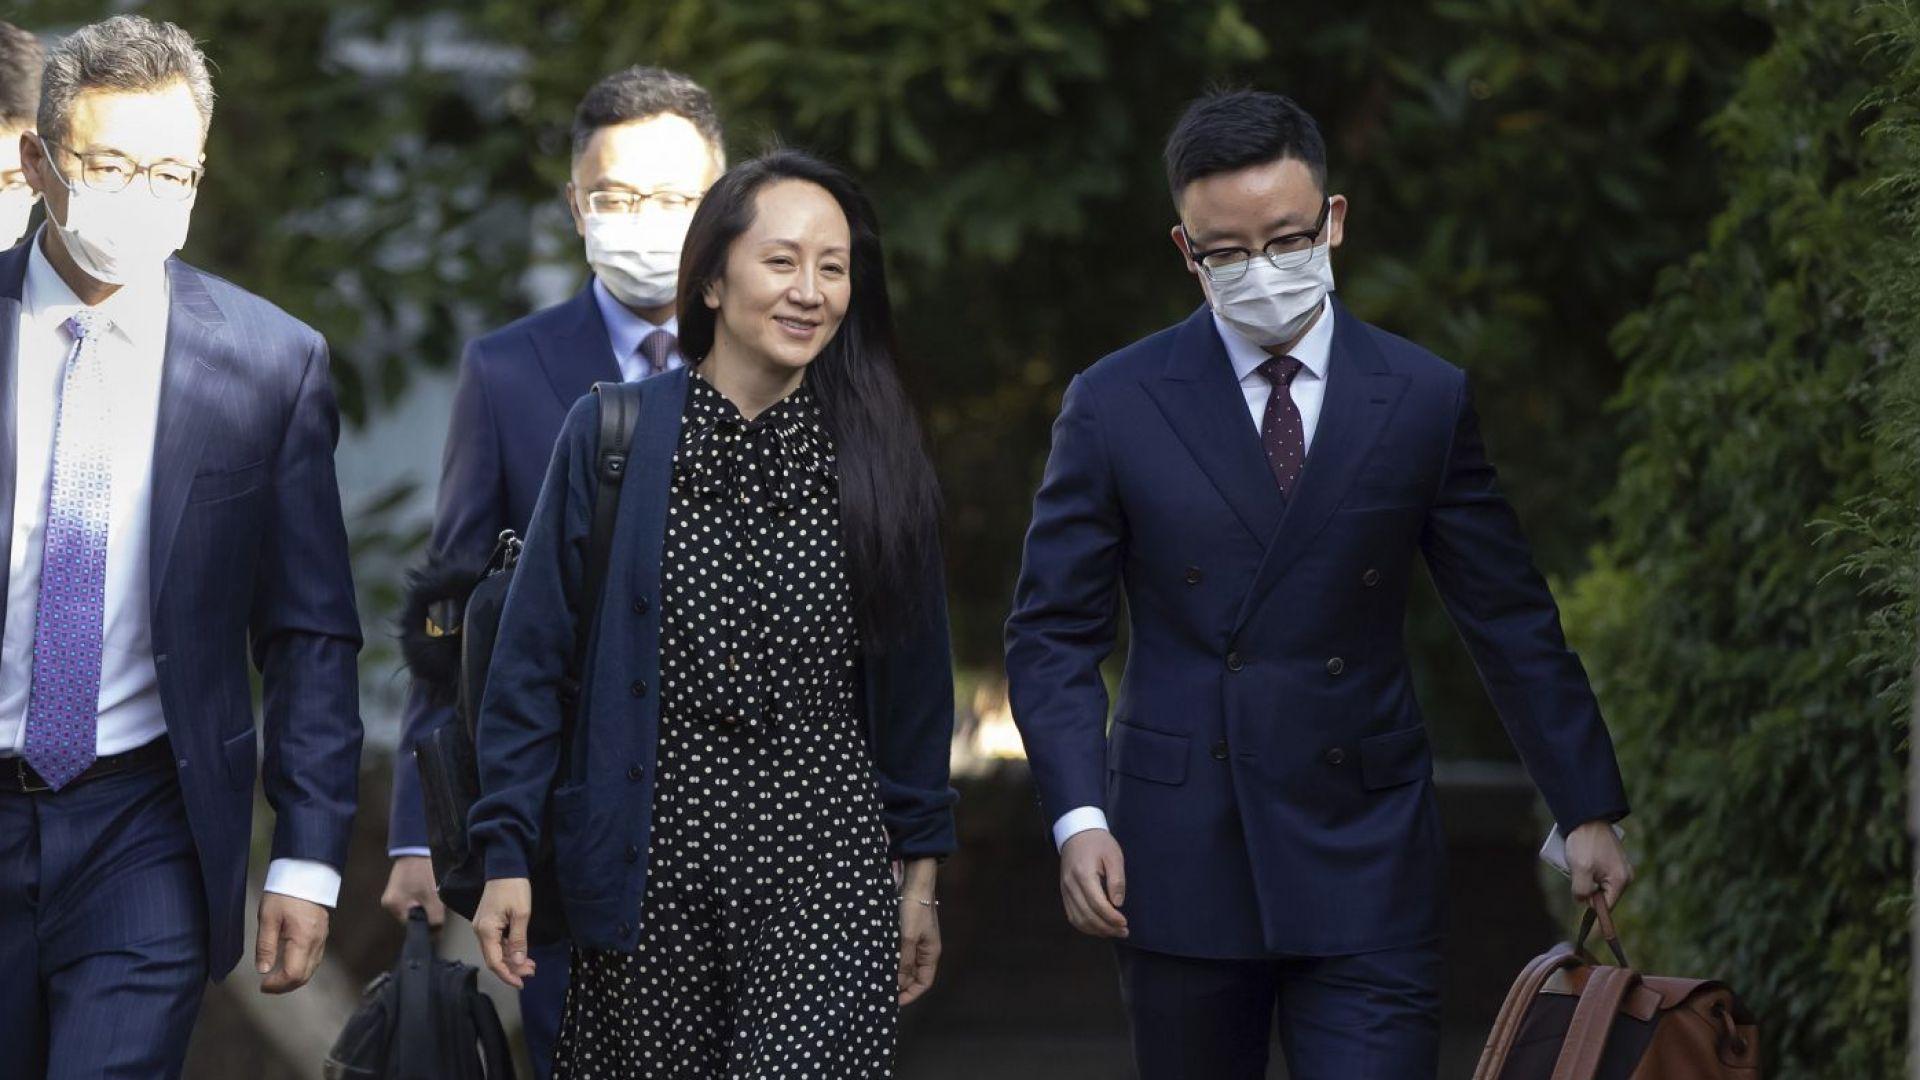 """Обрат в дипломатическия скандал: Дъщерята на основателя на """"Хуауей"""" се върна в Китай"""